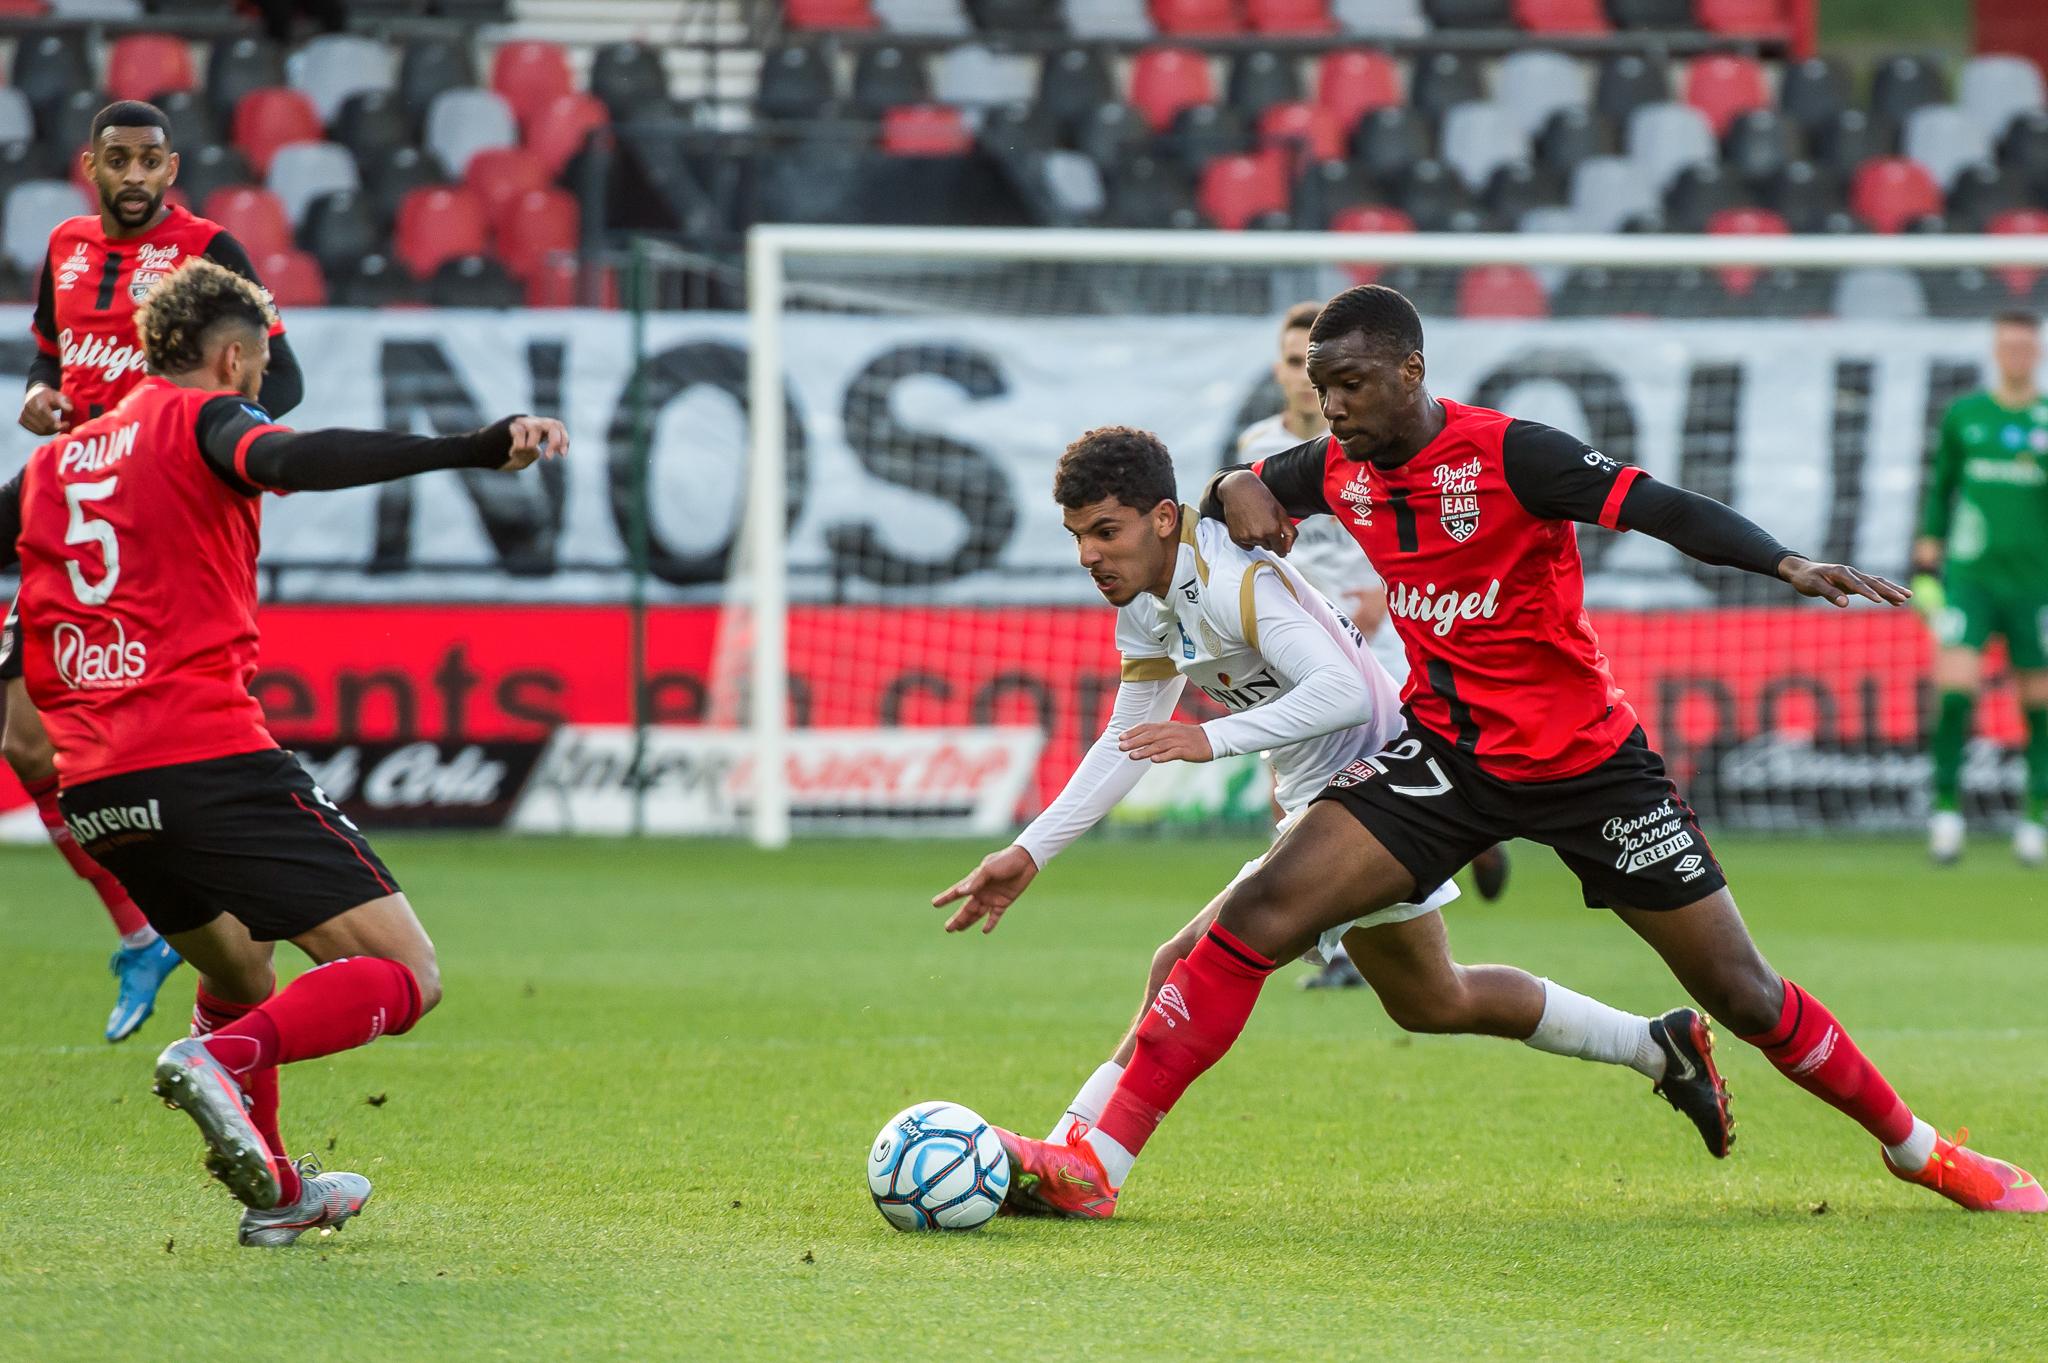 EA Guingamp La Berrichonne Châteauroux J37 Ligue 2 BKT EAGLBC 2-0 Stade de Roudourou FRA_5496